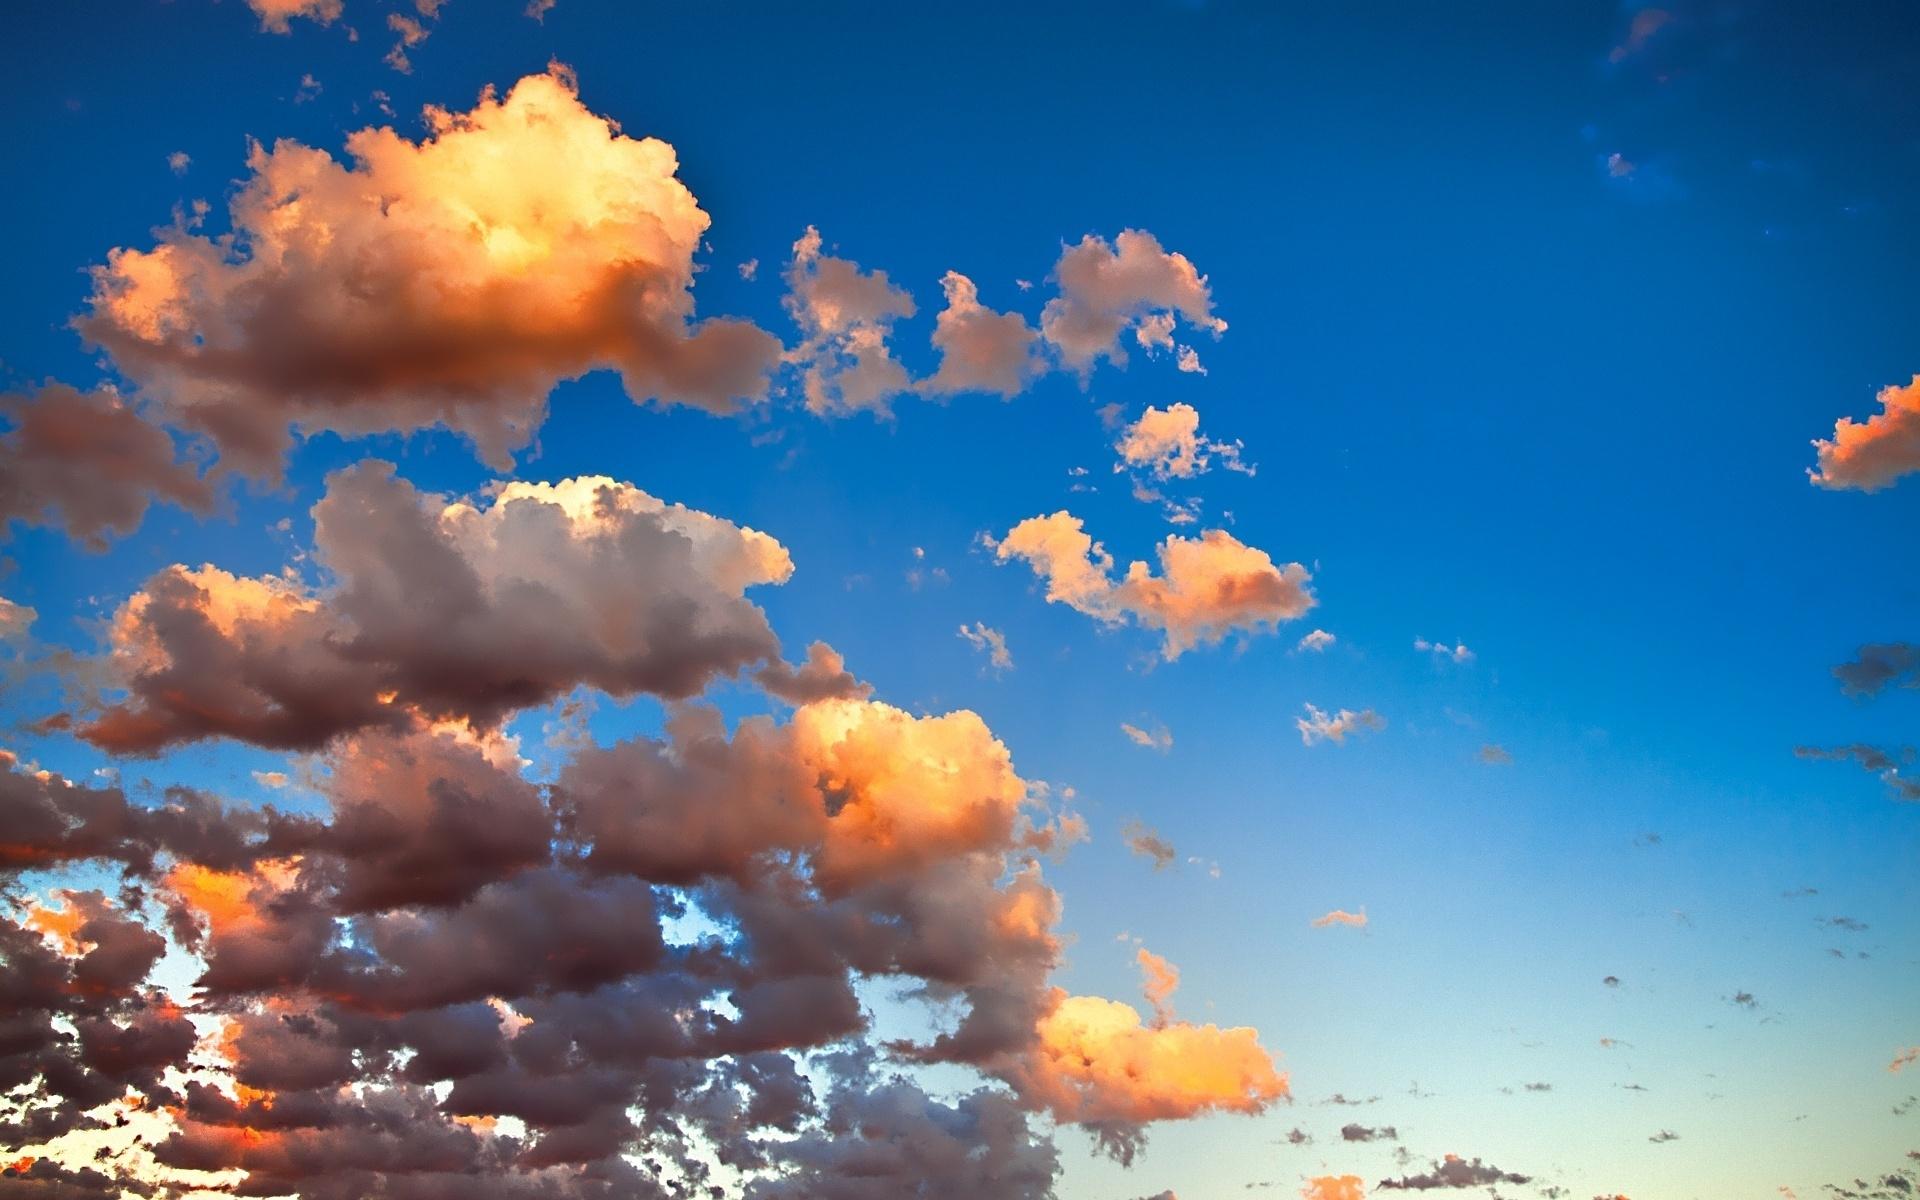 картинки красить небо работают фотошопе, где